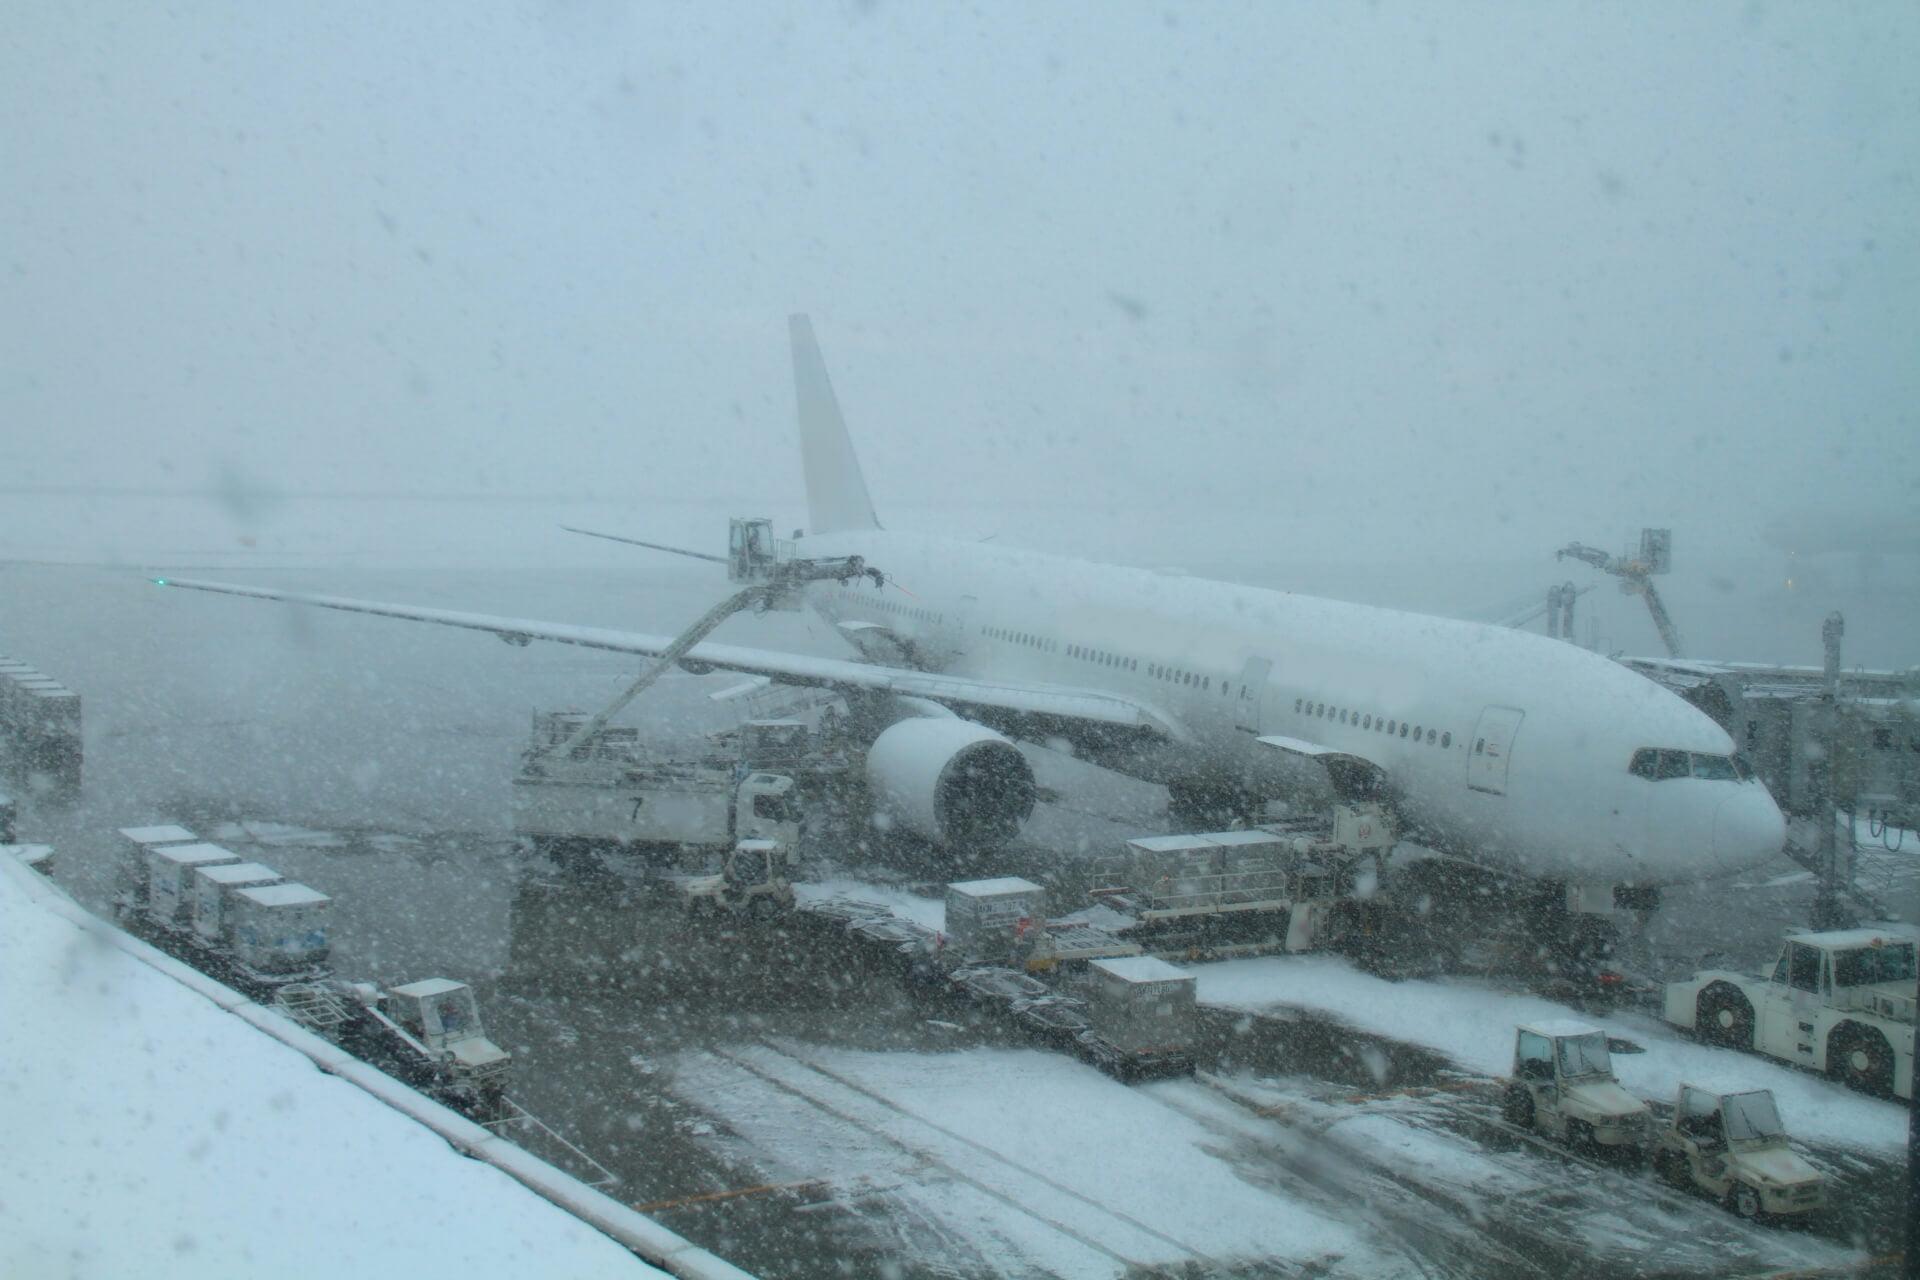 吹雪でLCC飛行機便が欠航